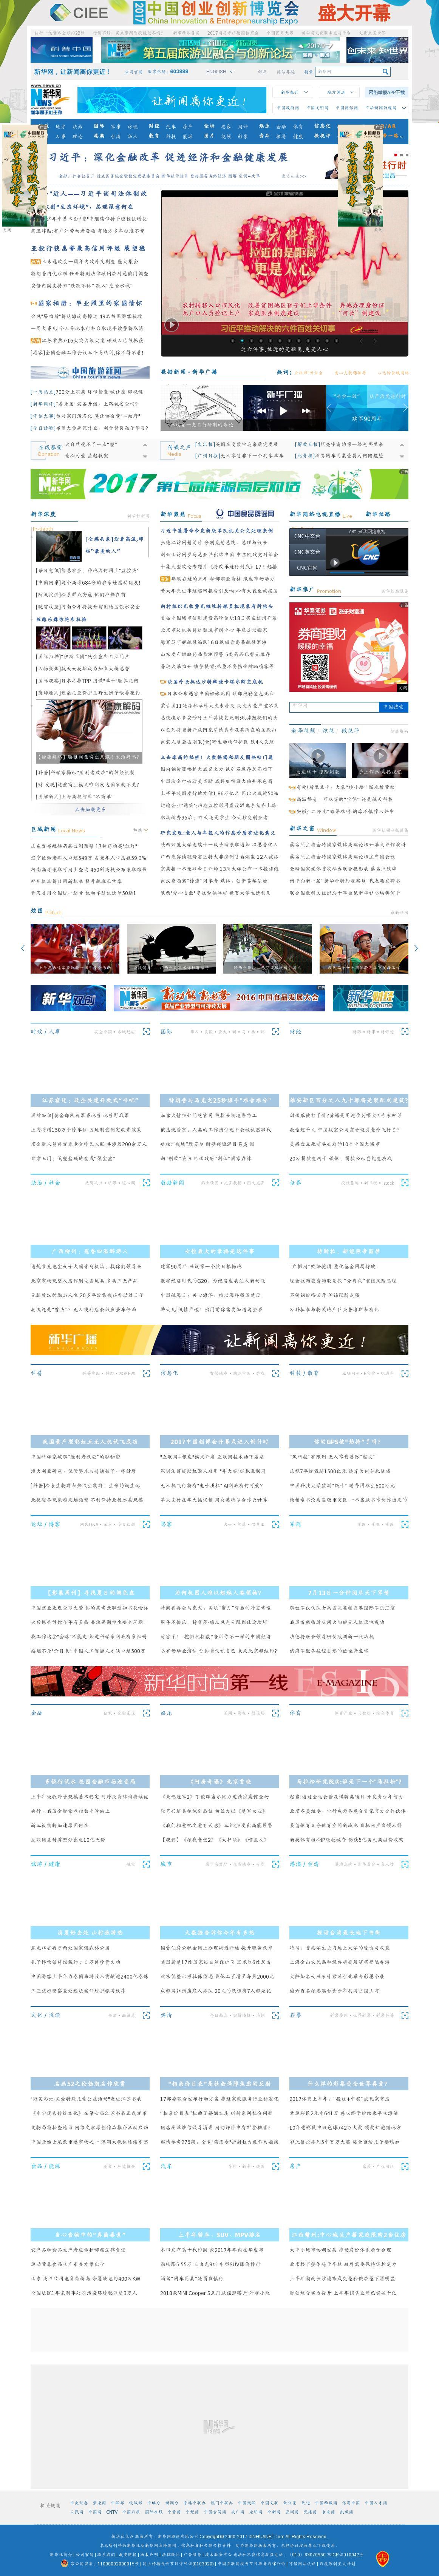 Xinhua at Sunday July 16, 2017, 10:26 a.m. UTC